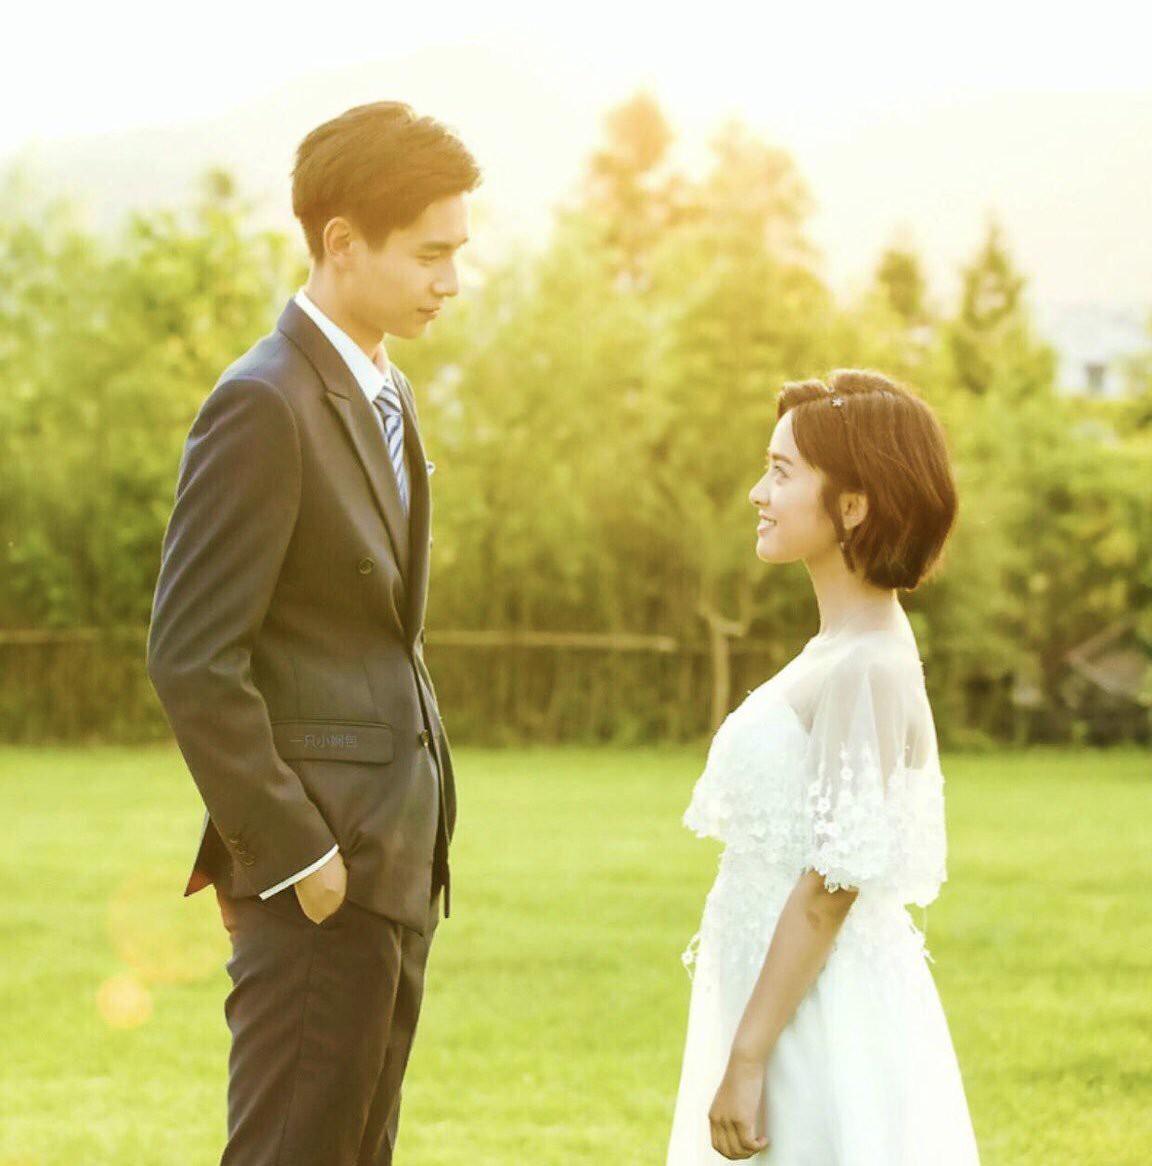 Hôn nhân sẽ không bền vững nếu bạn và chồng lặp đi lặp lại những cụm từ sai lầm này - Ảnh 1.